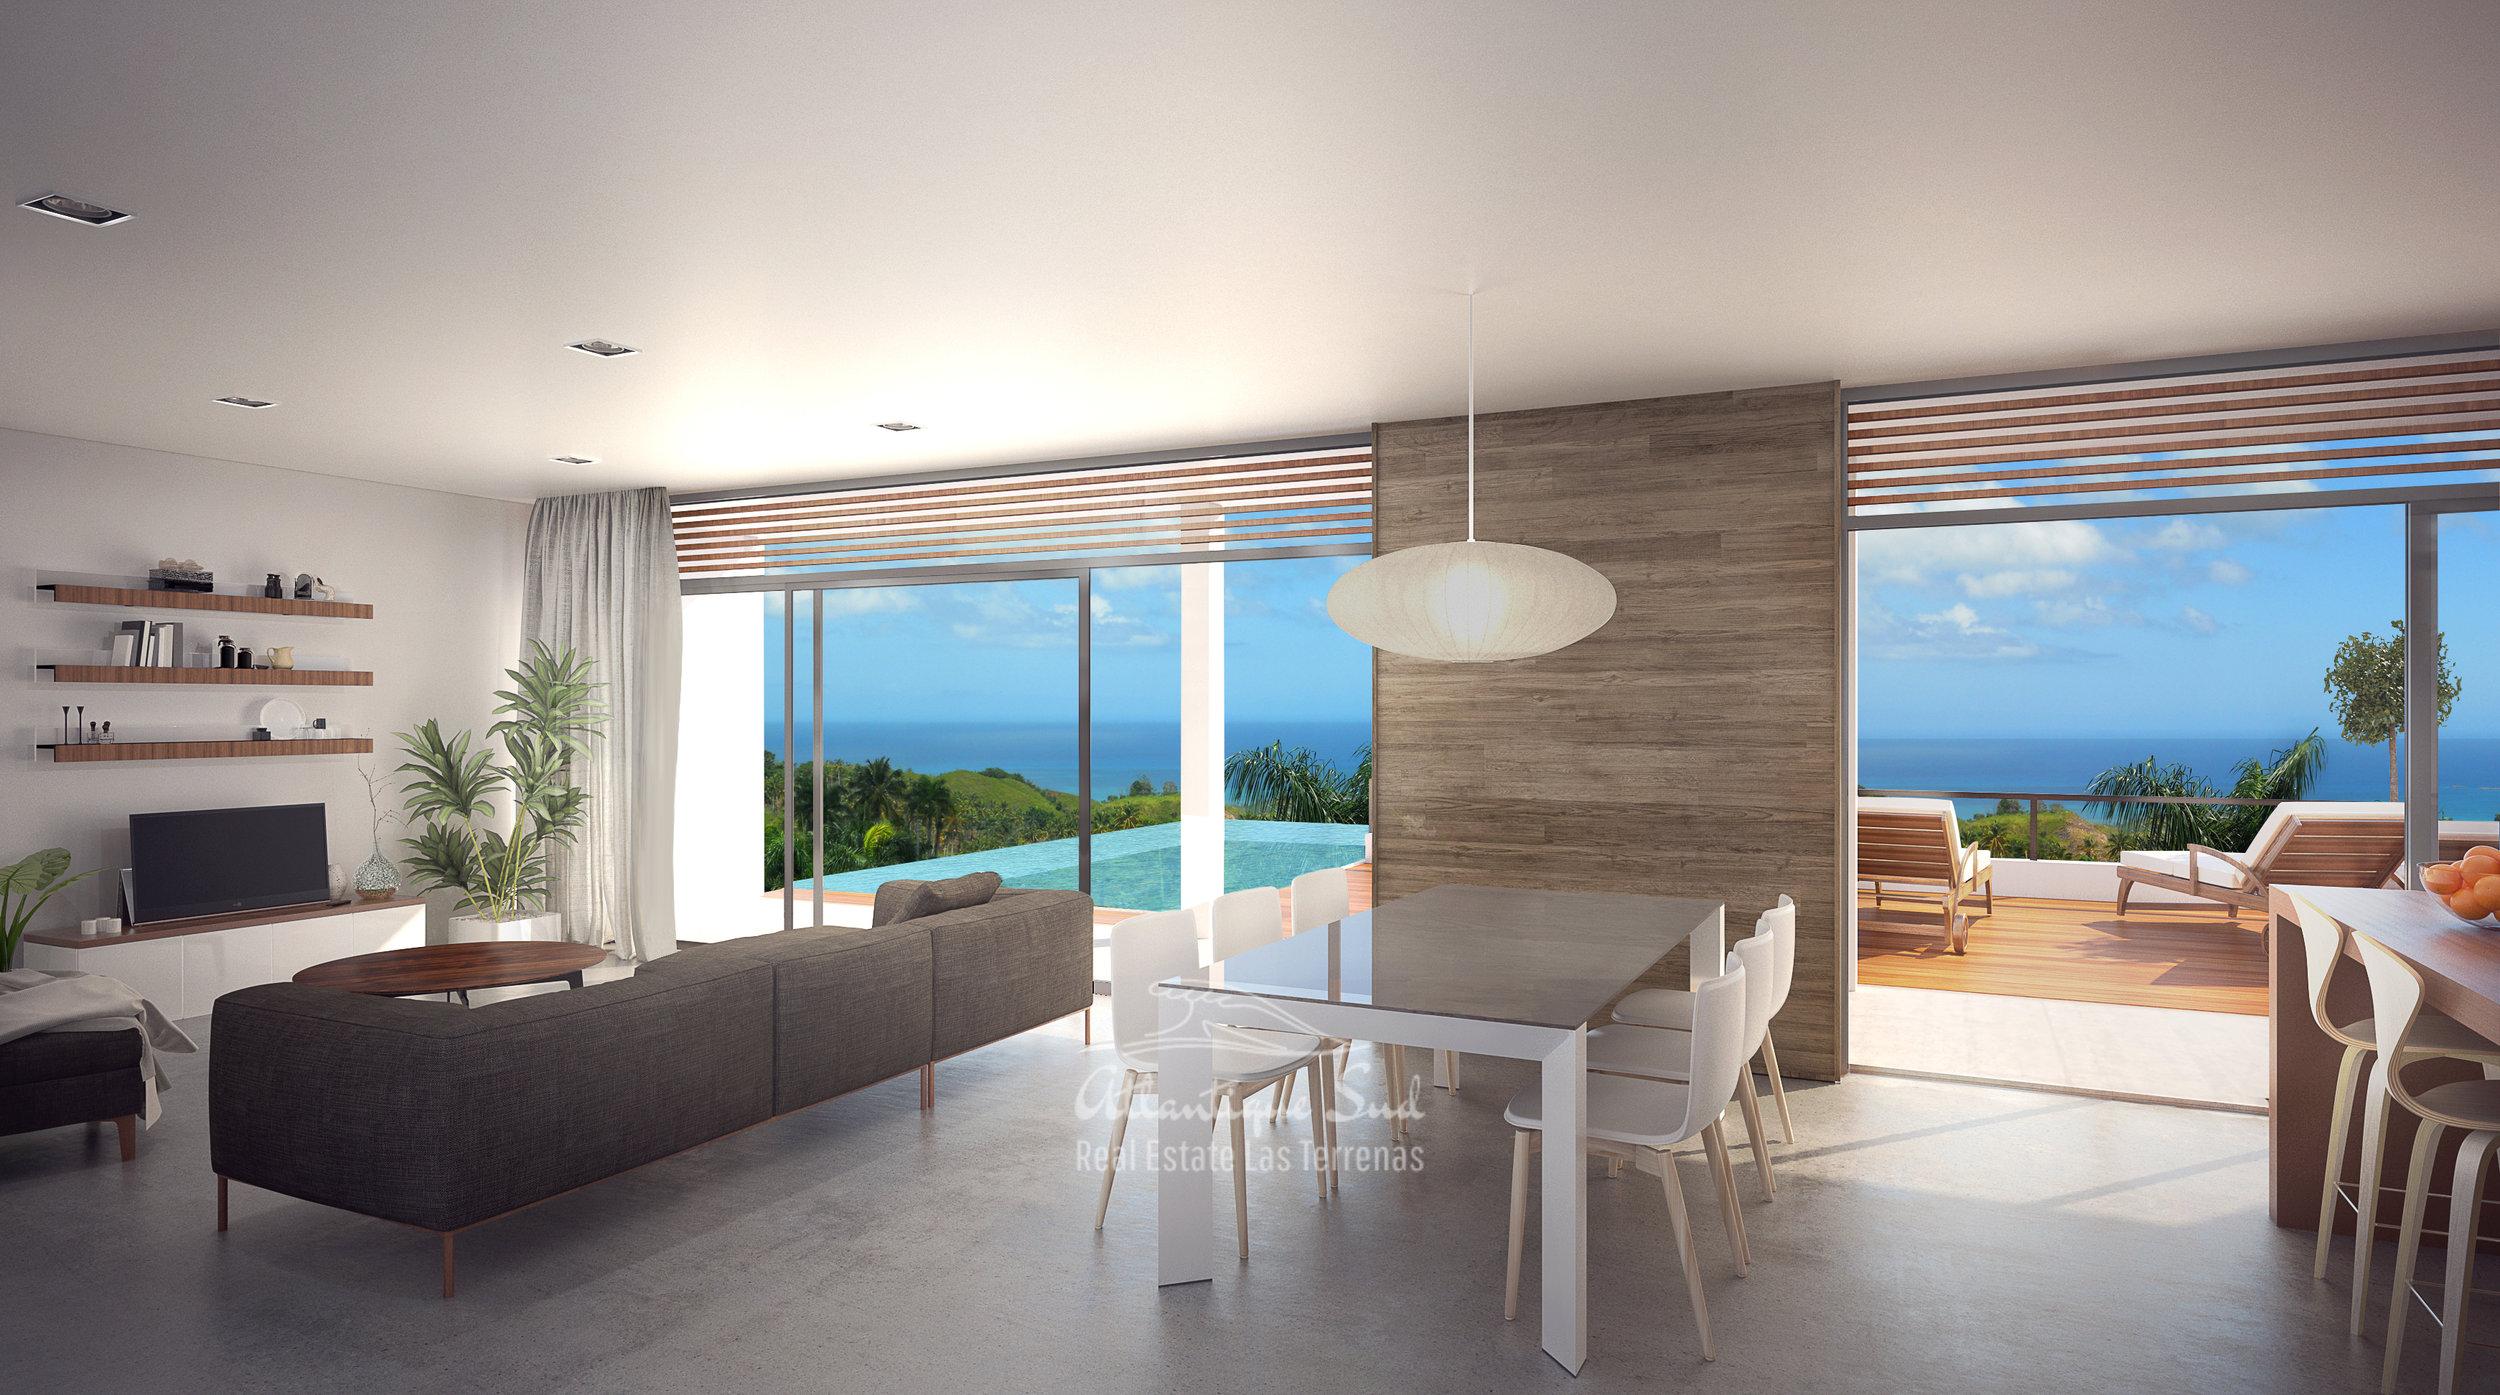 Ecofriendly Villas under development on a hillside with amazing ocean views in Las Terrenas Real Estate Dominican Republic6.jpg